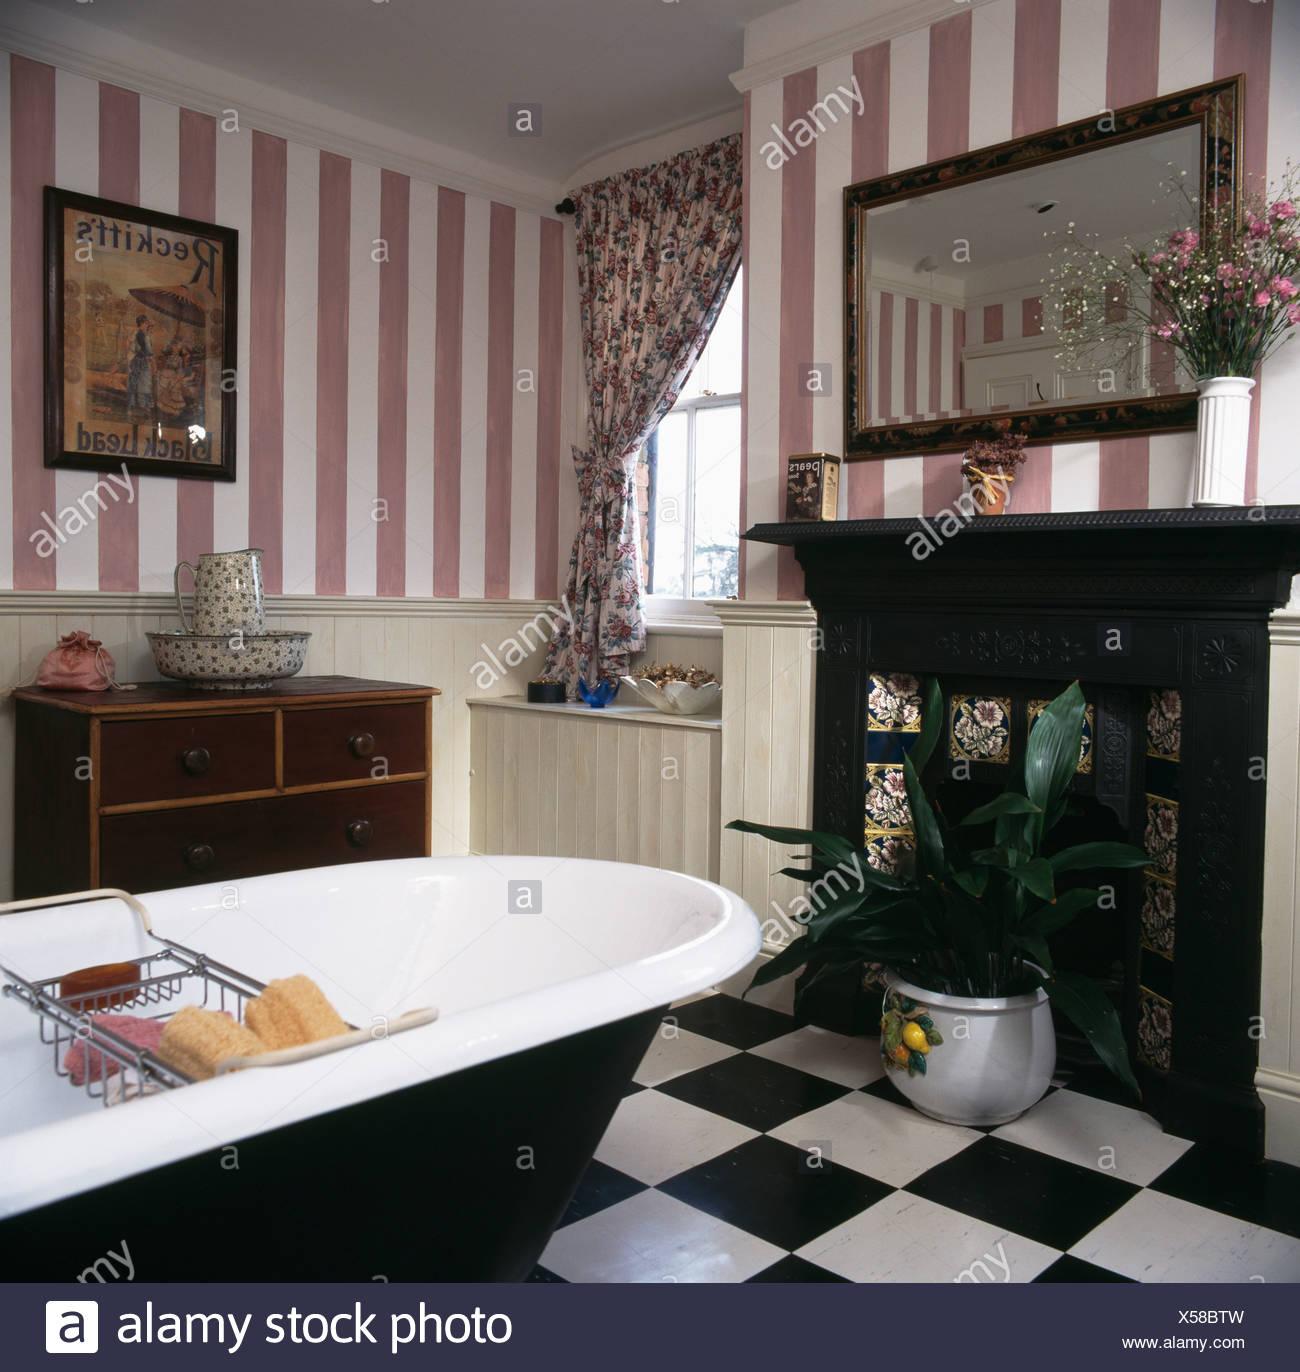 Rosa gestreifte tapete und roll top bad im land bad mit schwarzem gusseisen kamin und schwarz - Rosa weiay gestreifte tapete ...